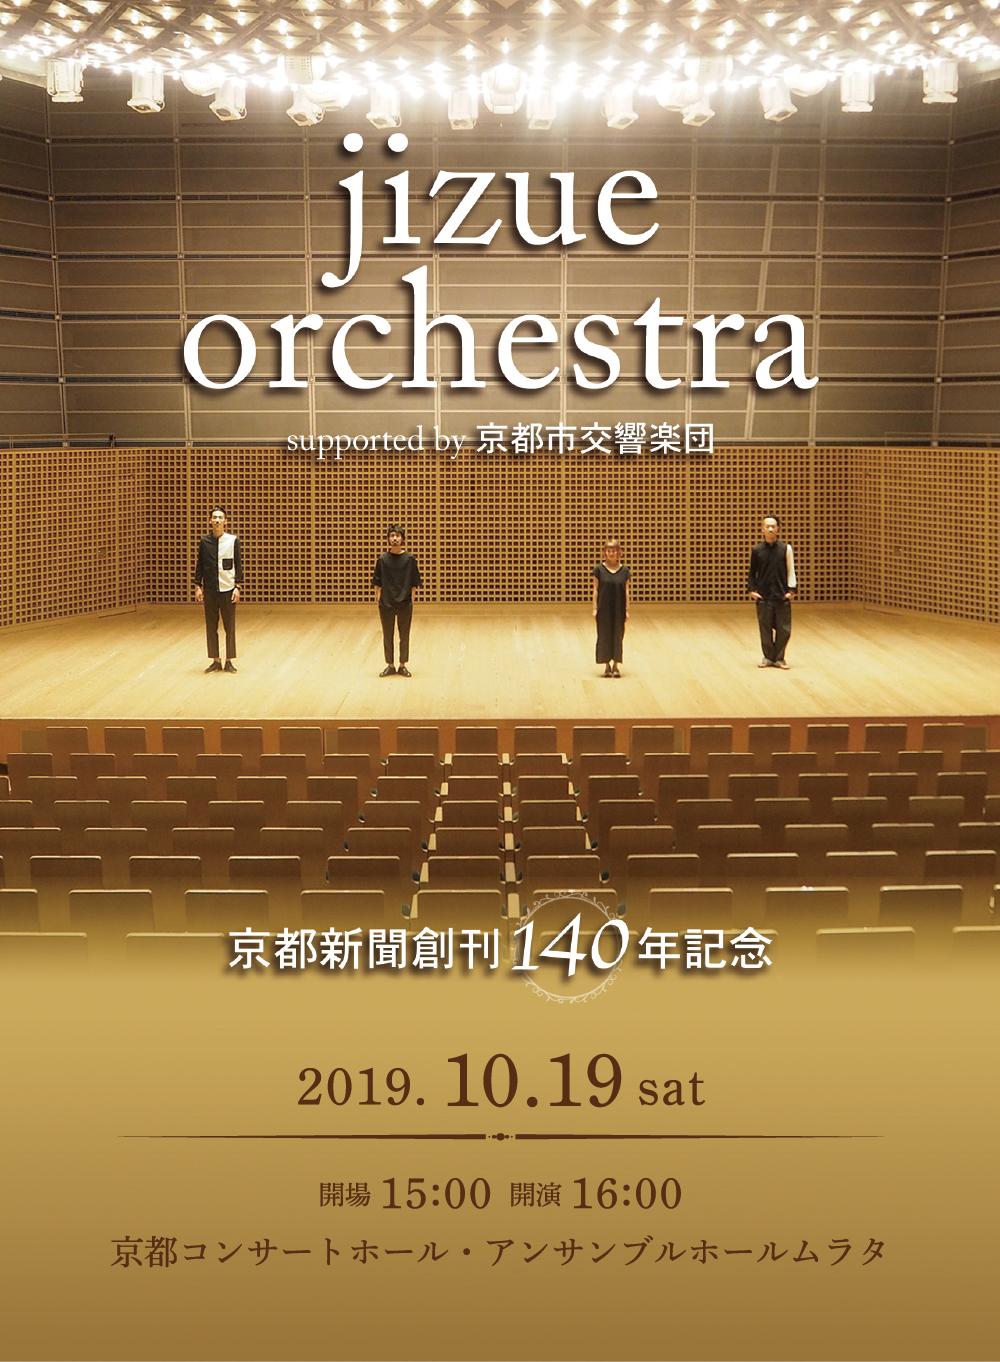 京都新聞創刊140年記念 jizue orchestra supported by 京都市交響楽団